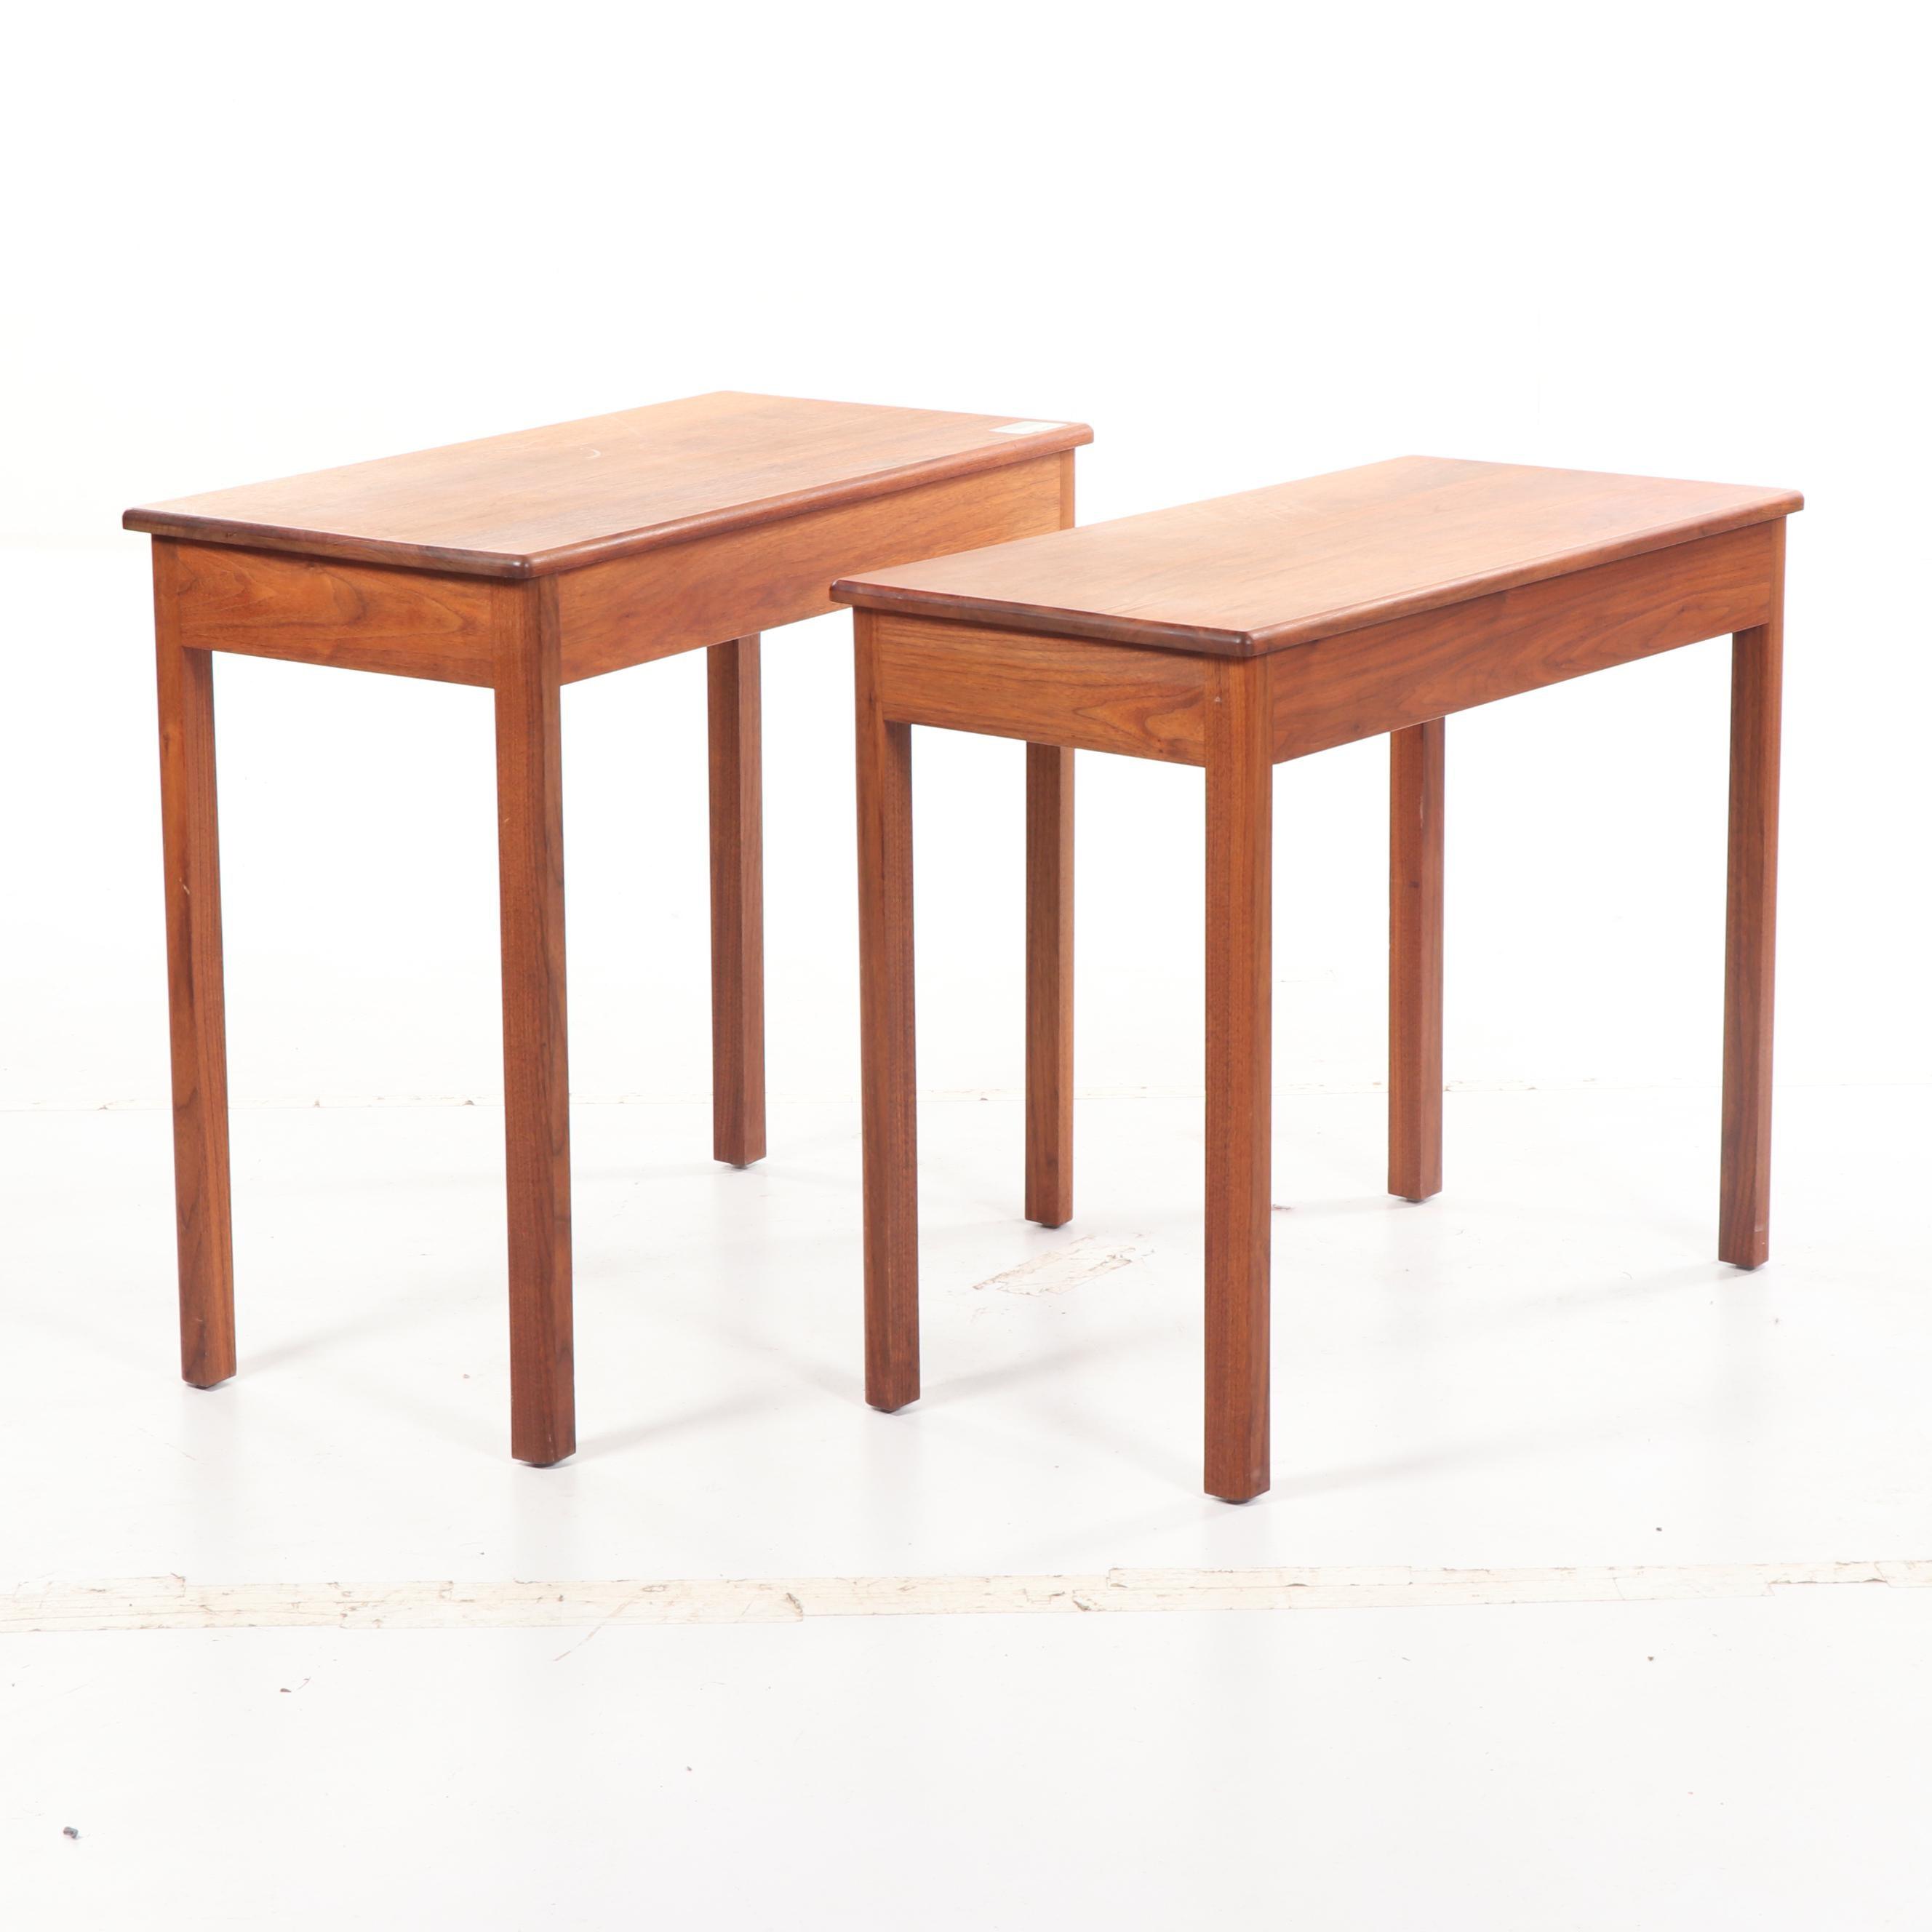 Teak Side Tables, Mid-20th Century